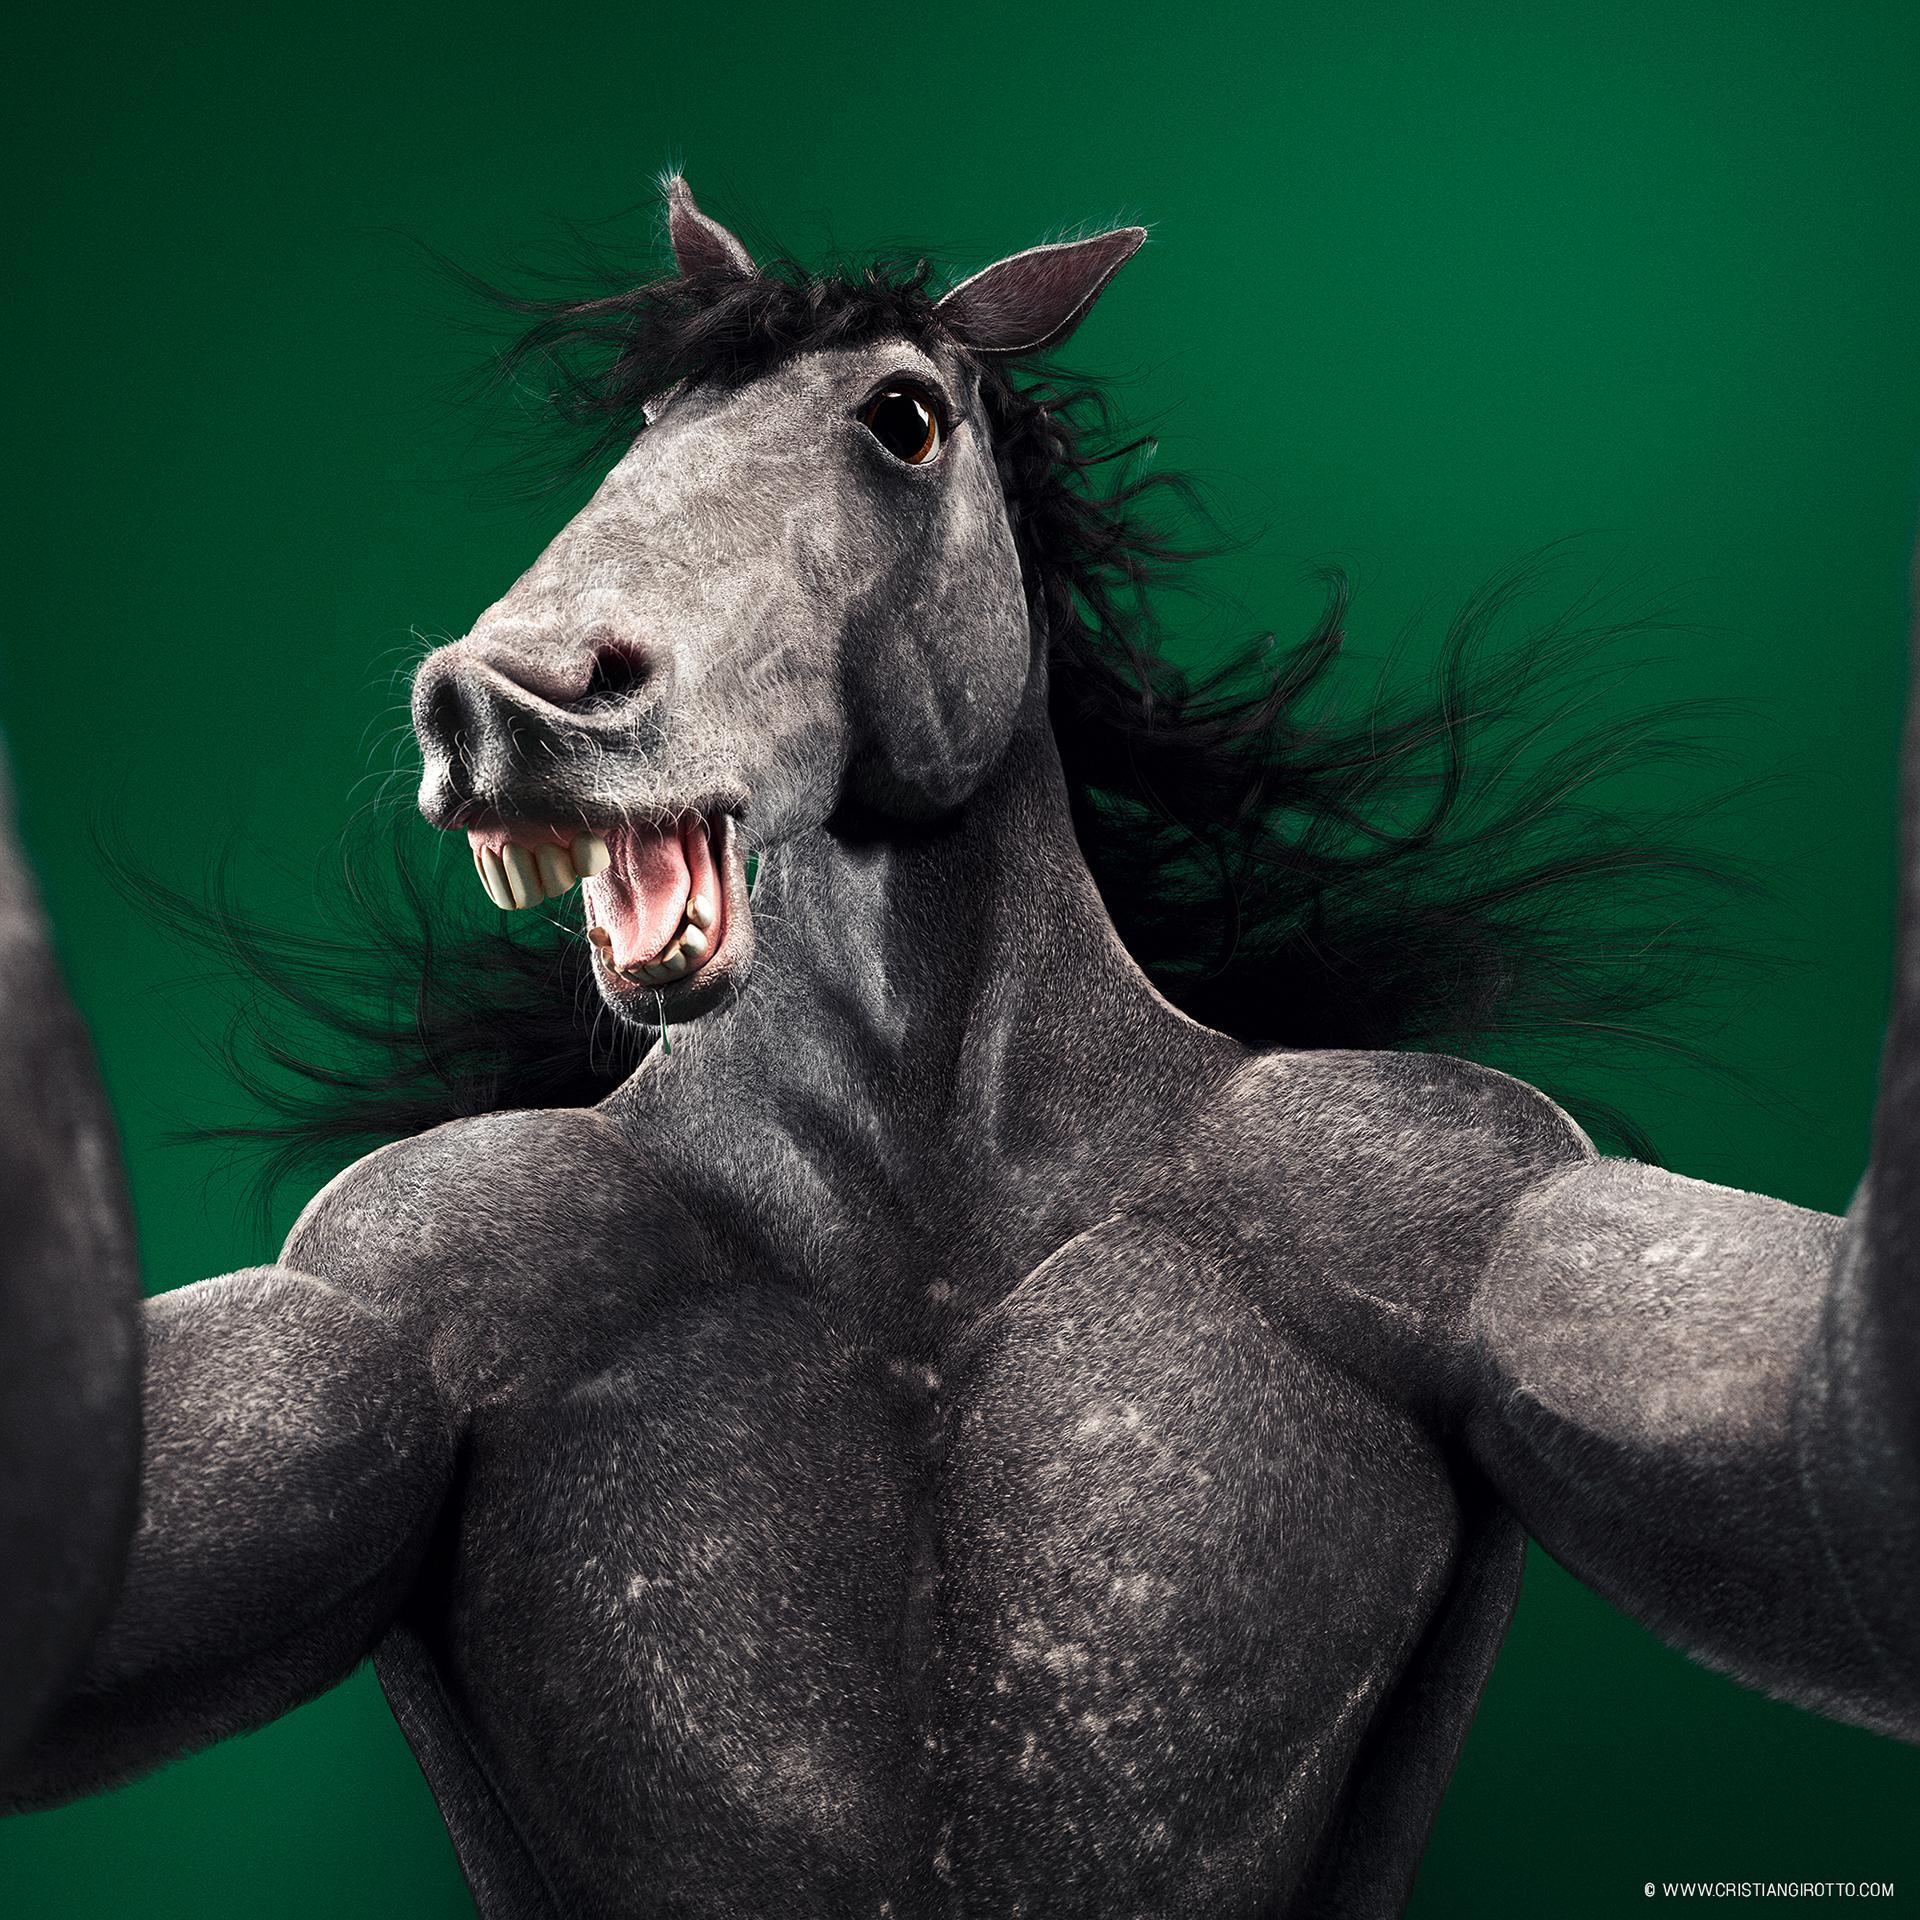 Социальные типажи - Social animals by Cristian Girotto